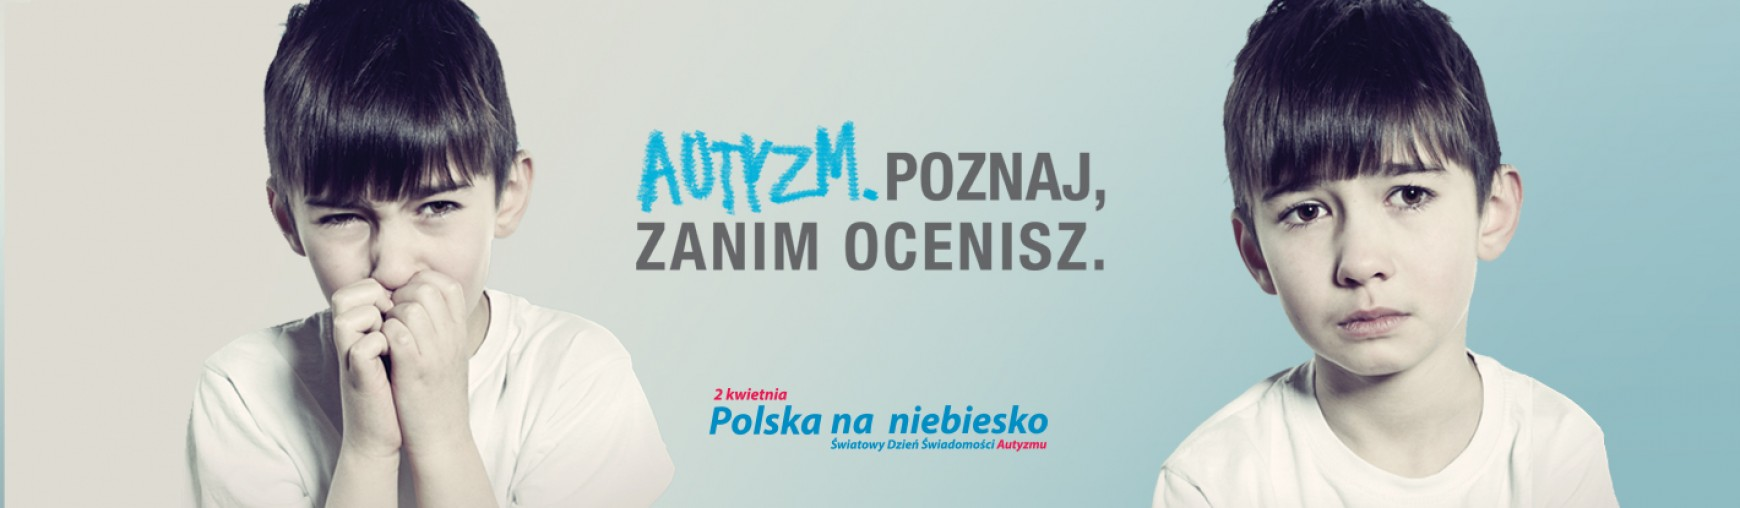 """""""Niebieske Zabrze"""" obchody w Zespole Szkół Specjalnych nr 41 w Zabrzu"""